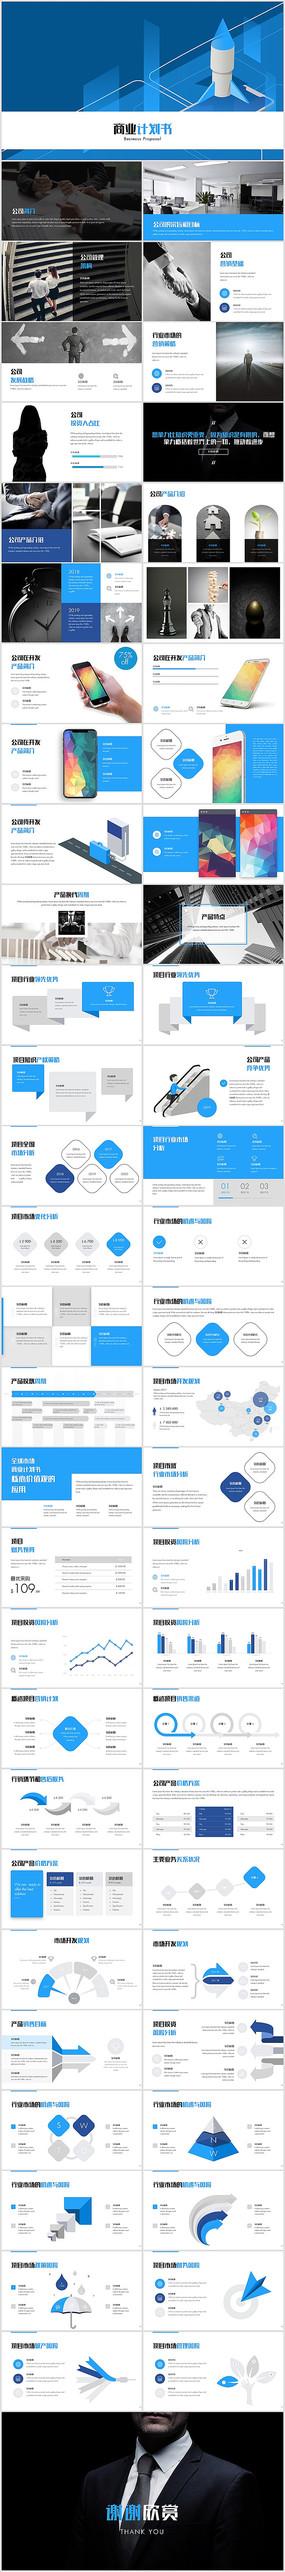 创业融资商业计划书PPT模板